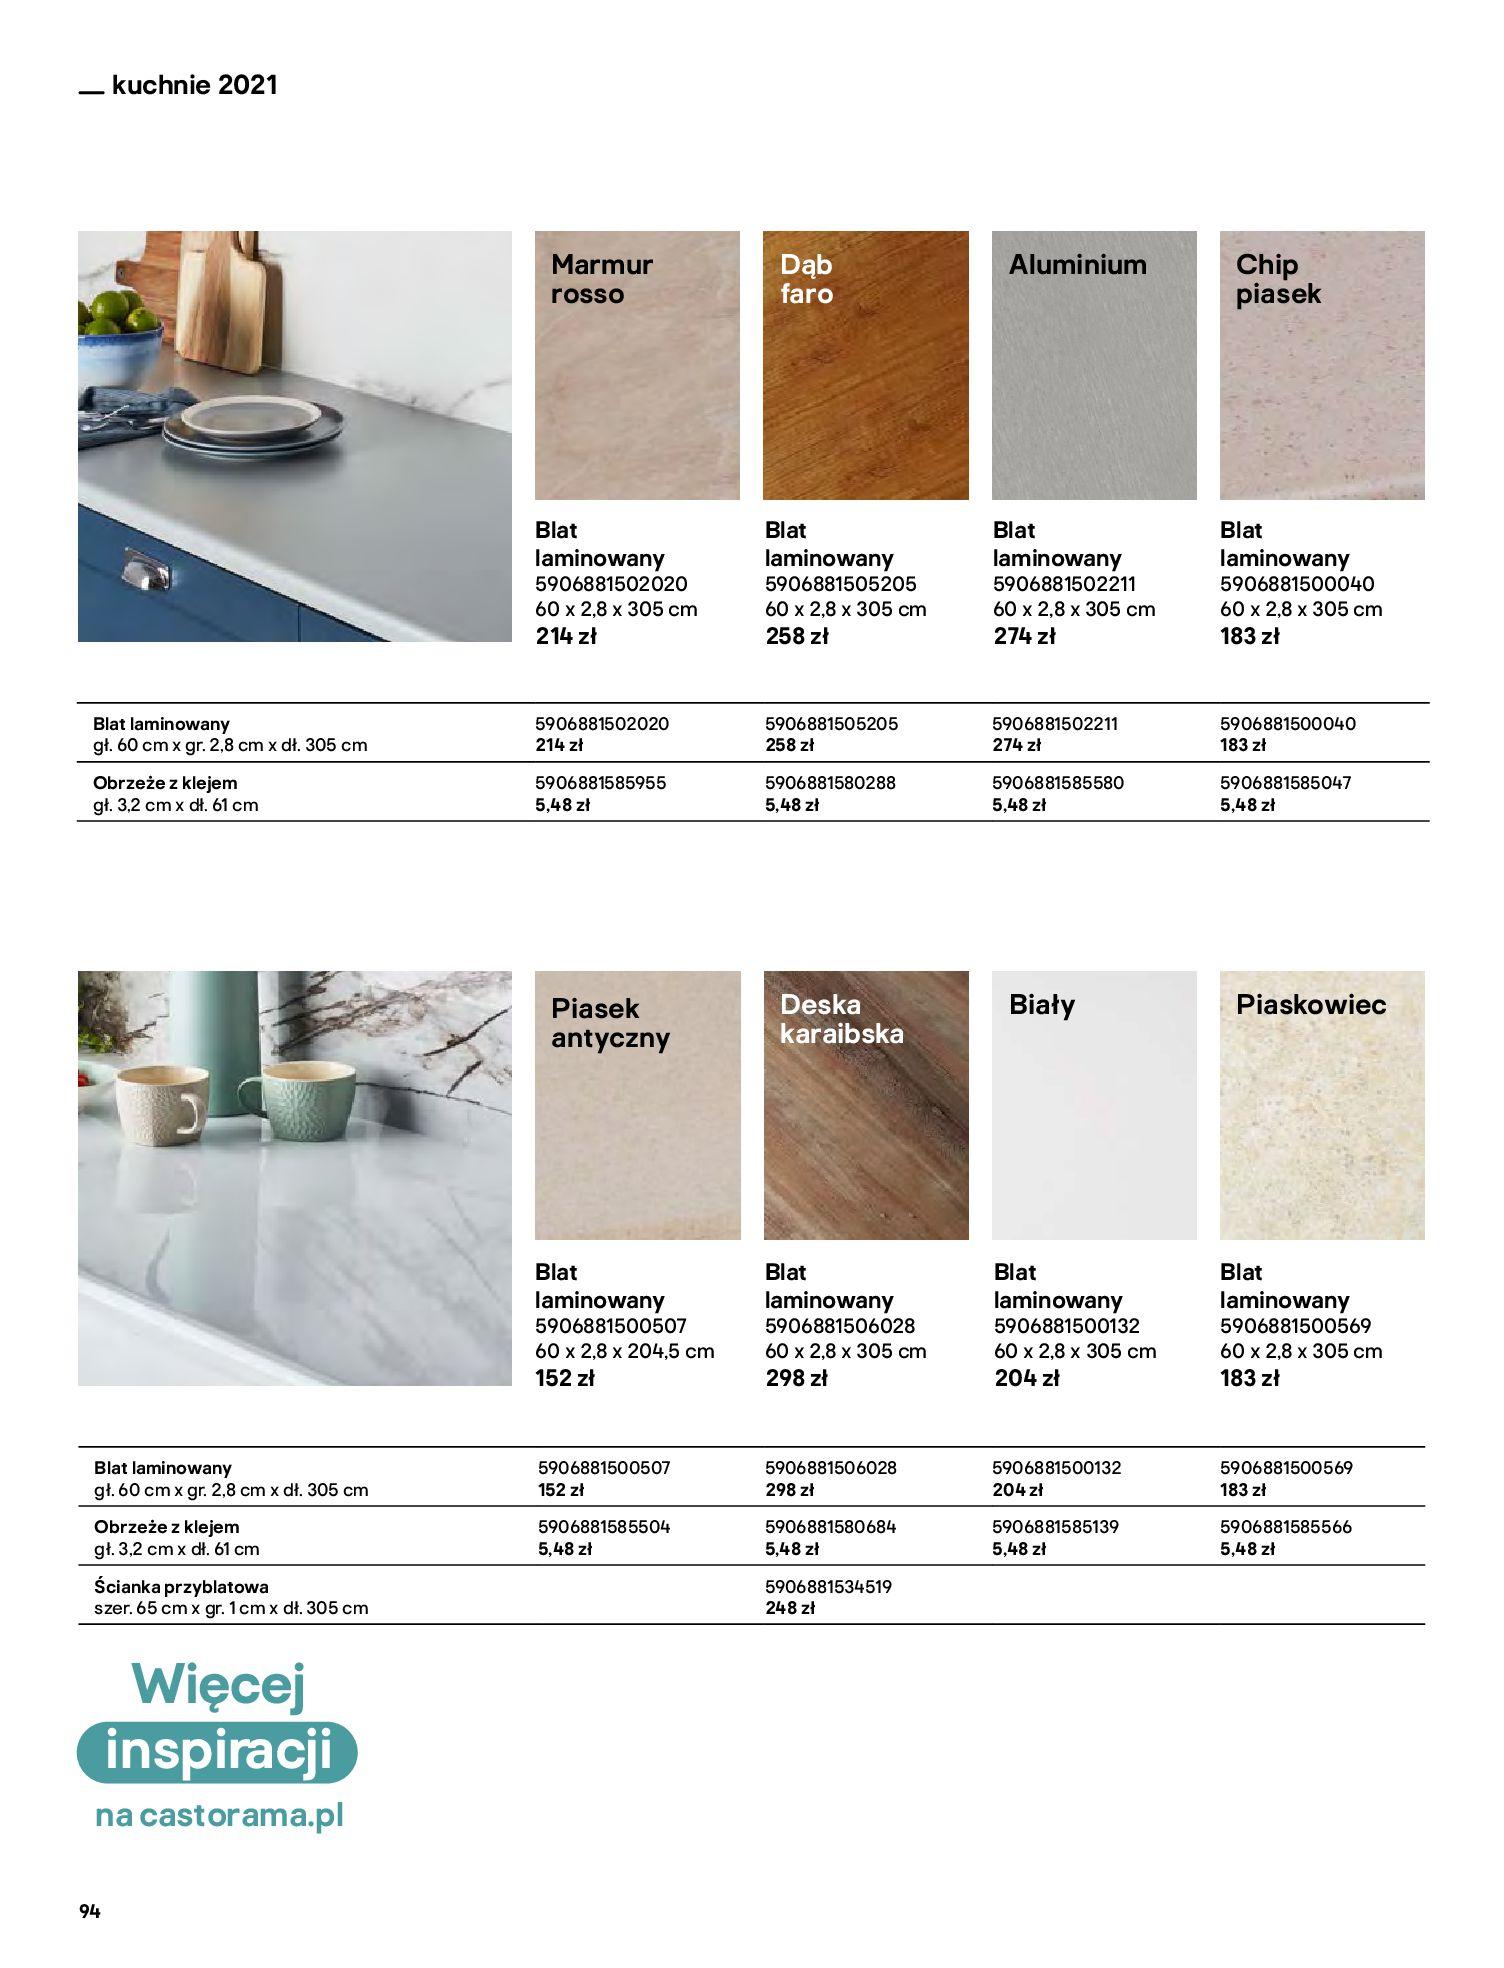 Gazetka Castorama: Katalog kuchnie 2021 2021-05-04 page-94